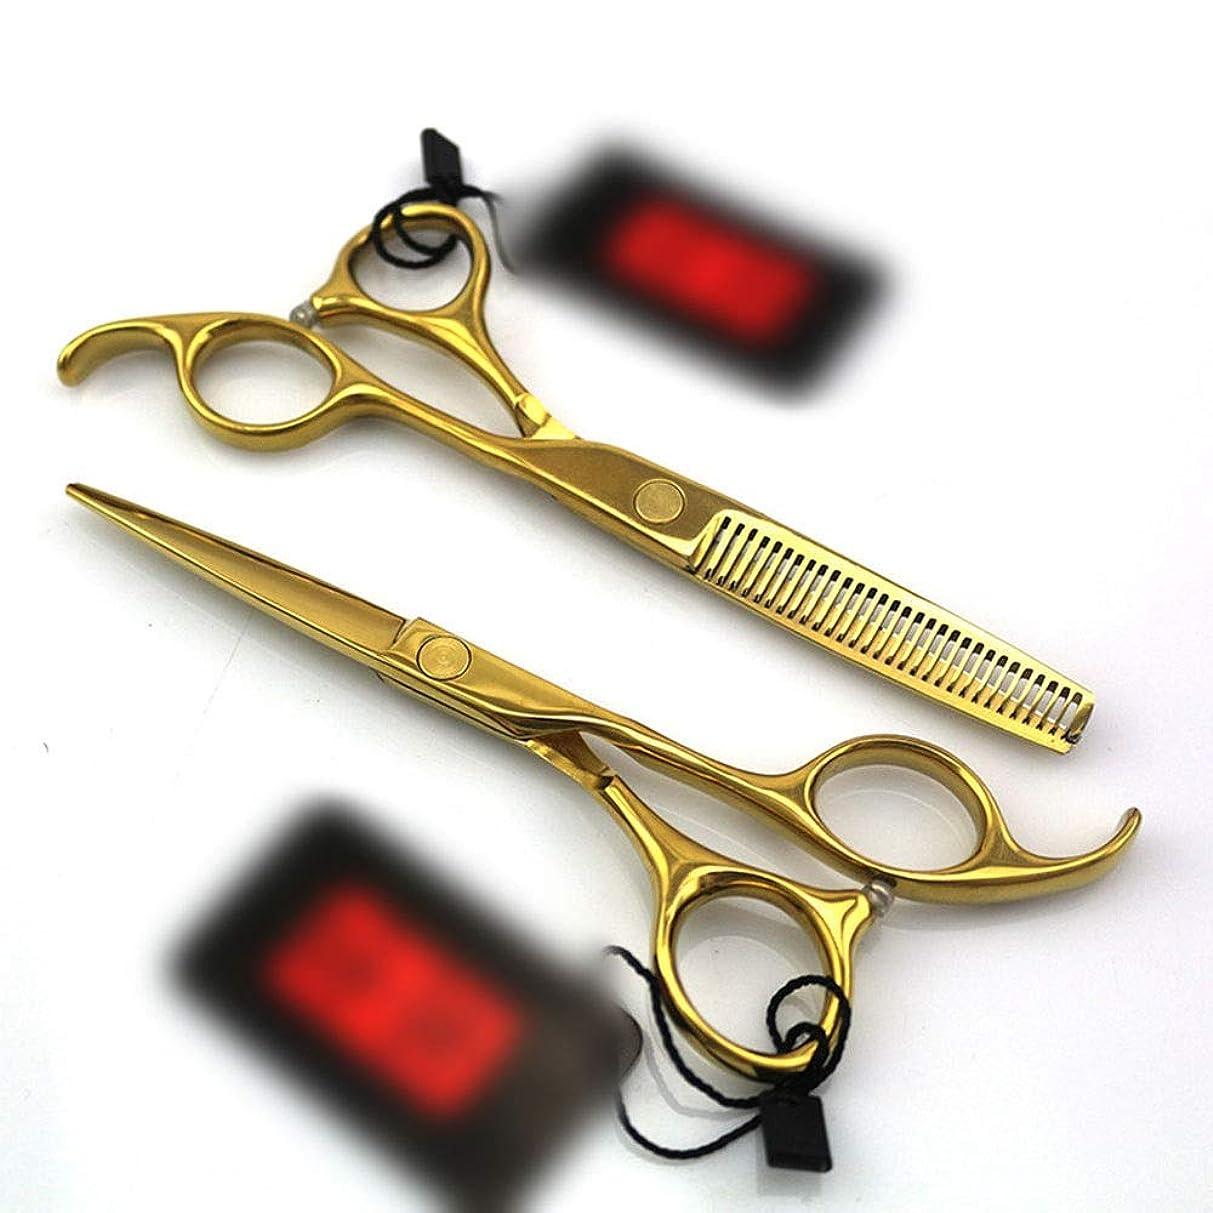 方言ドル先に5.5インチのまっすぐなハンドルの理髪師のめっきの金の専門の理髪セット モデリングツール (色 : ゴールド)